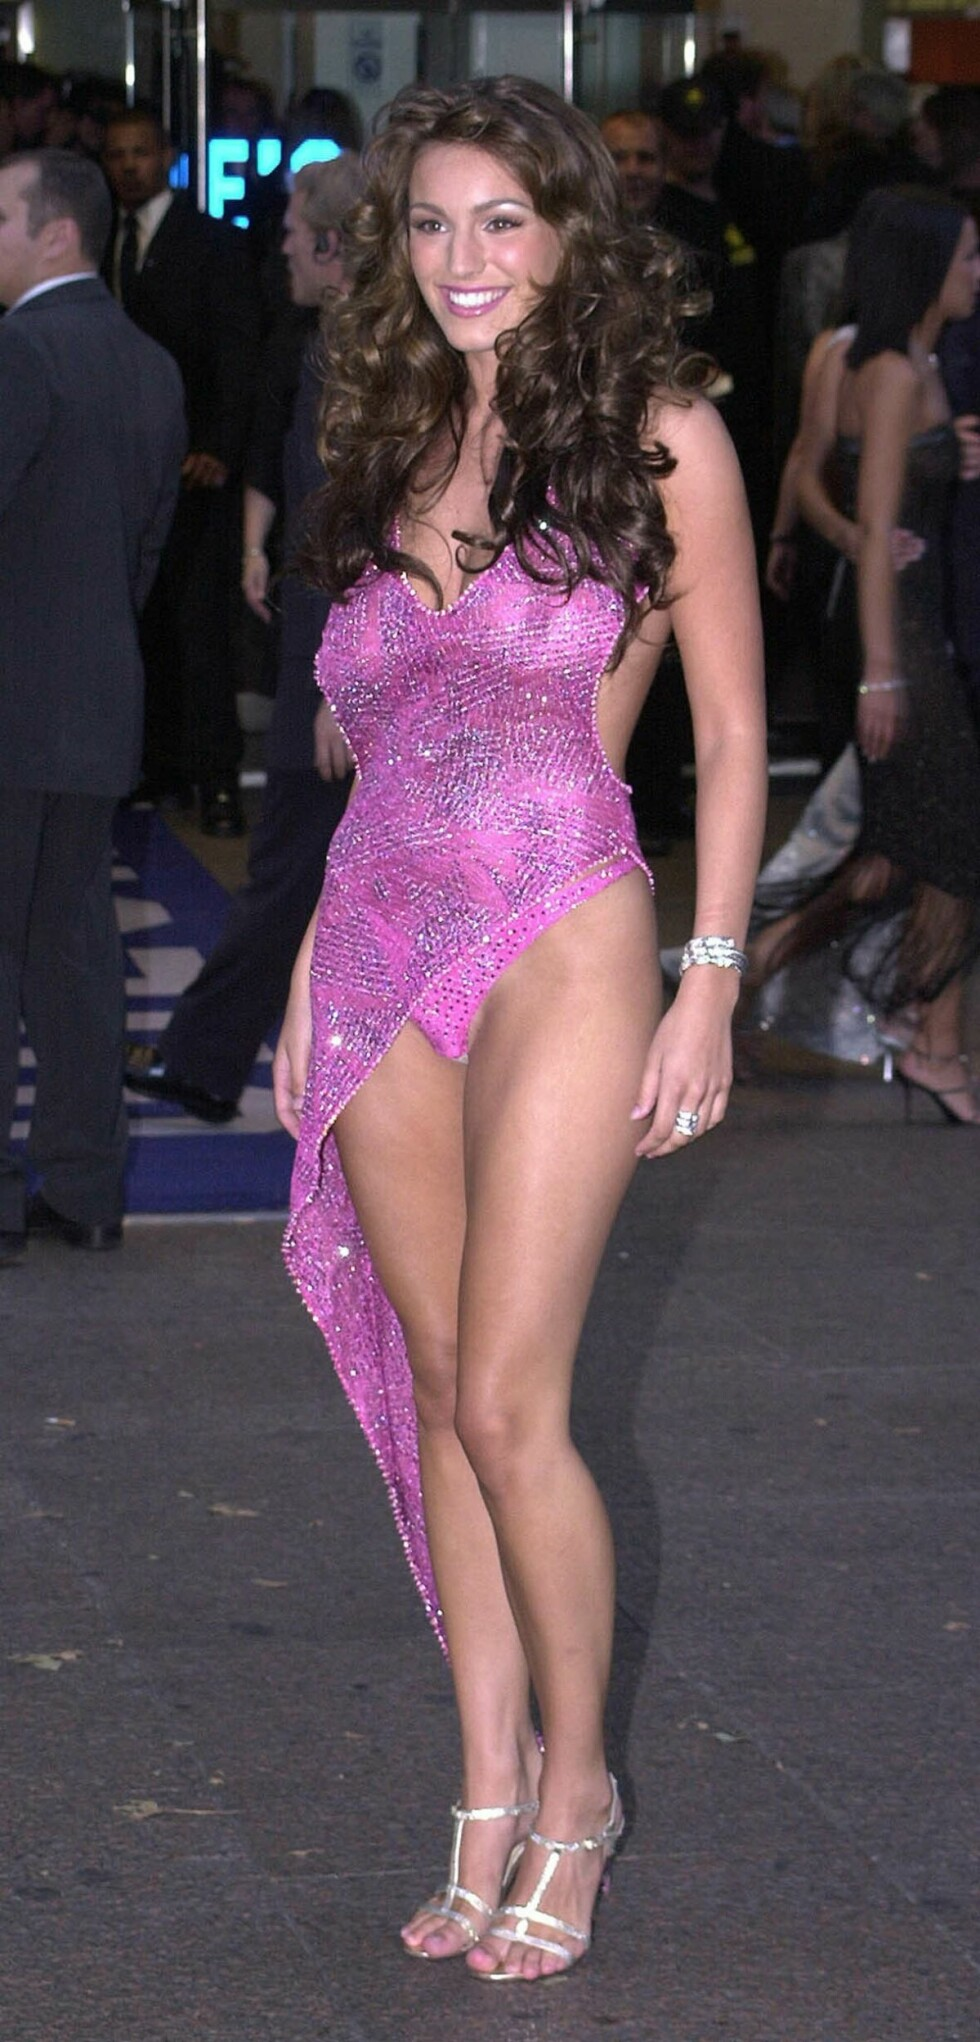 VÅGAL: 20 år gamle Kelly Brook visste å gjøre seg bemerket på London-premieren til Jason Stathams film «Snatch» høsten 2000. Foto: Splash News/All Over Press